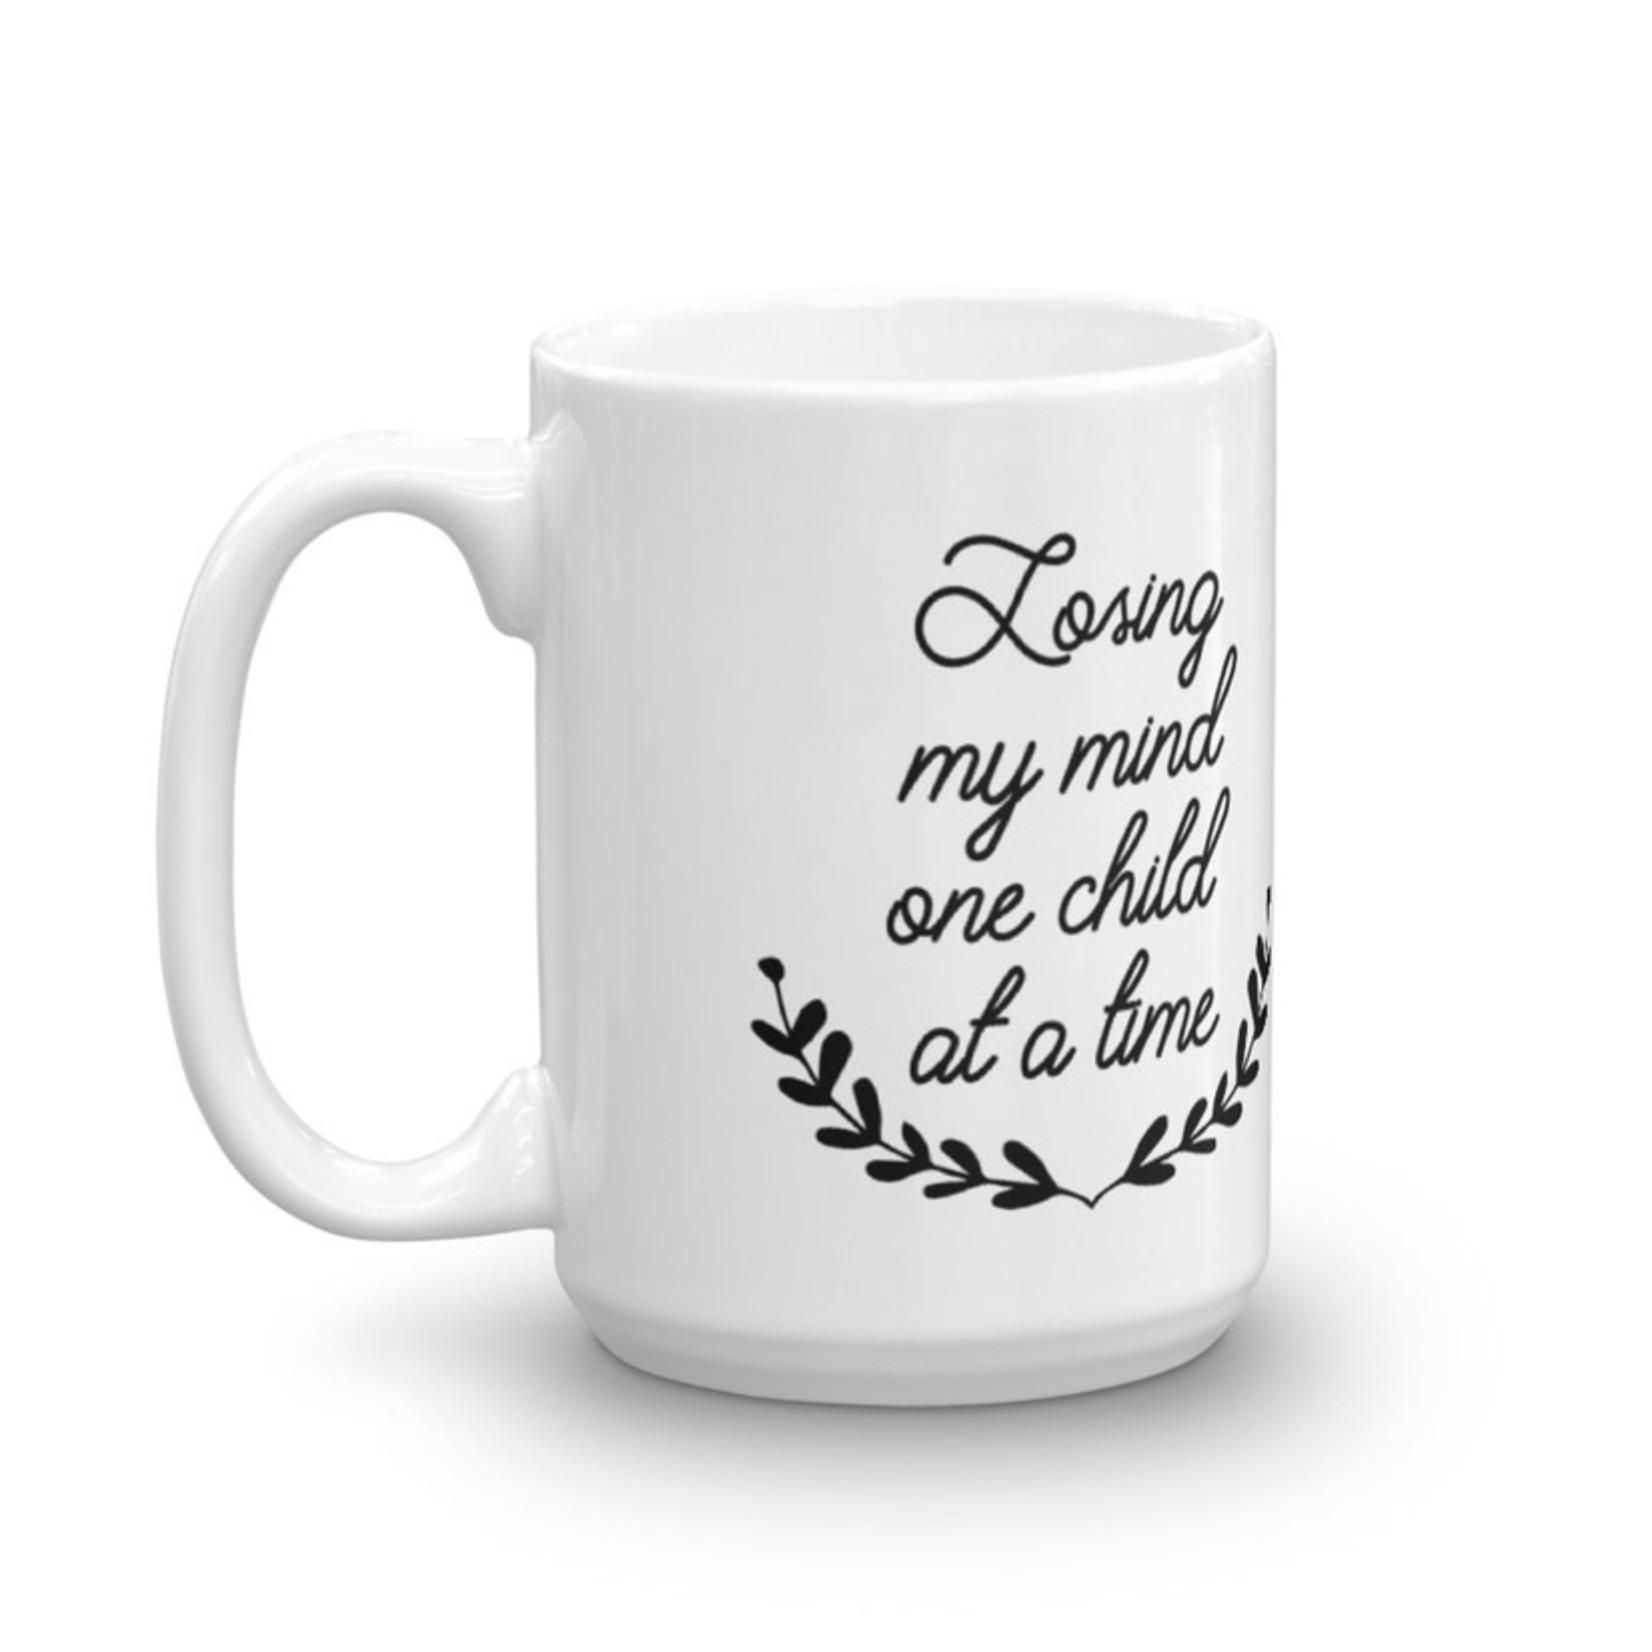 Send Me a Dream Losing My Mind Mug